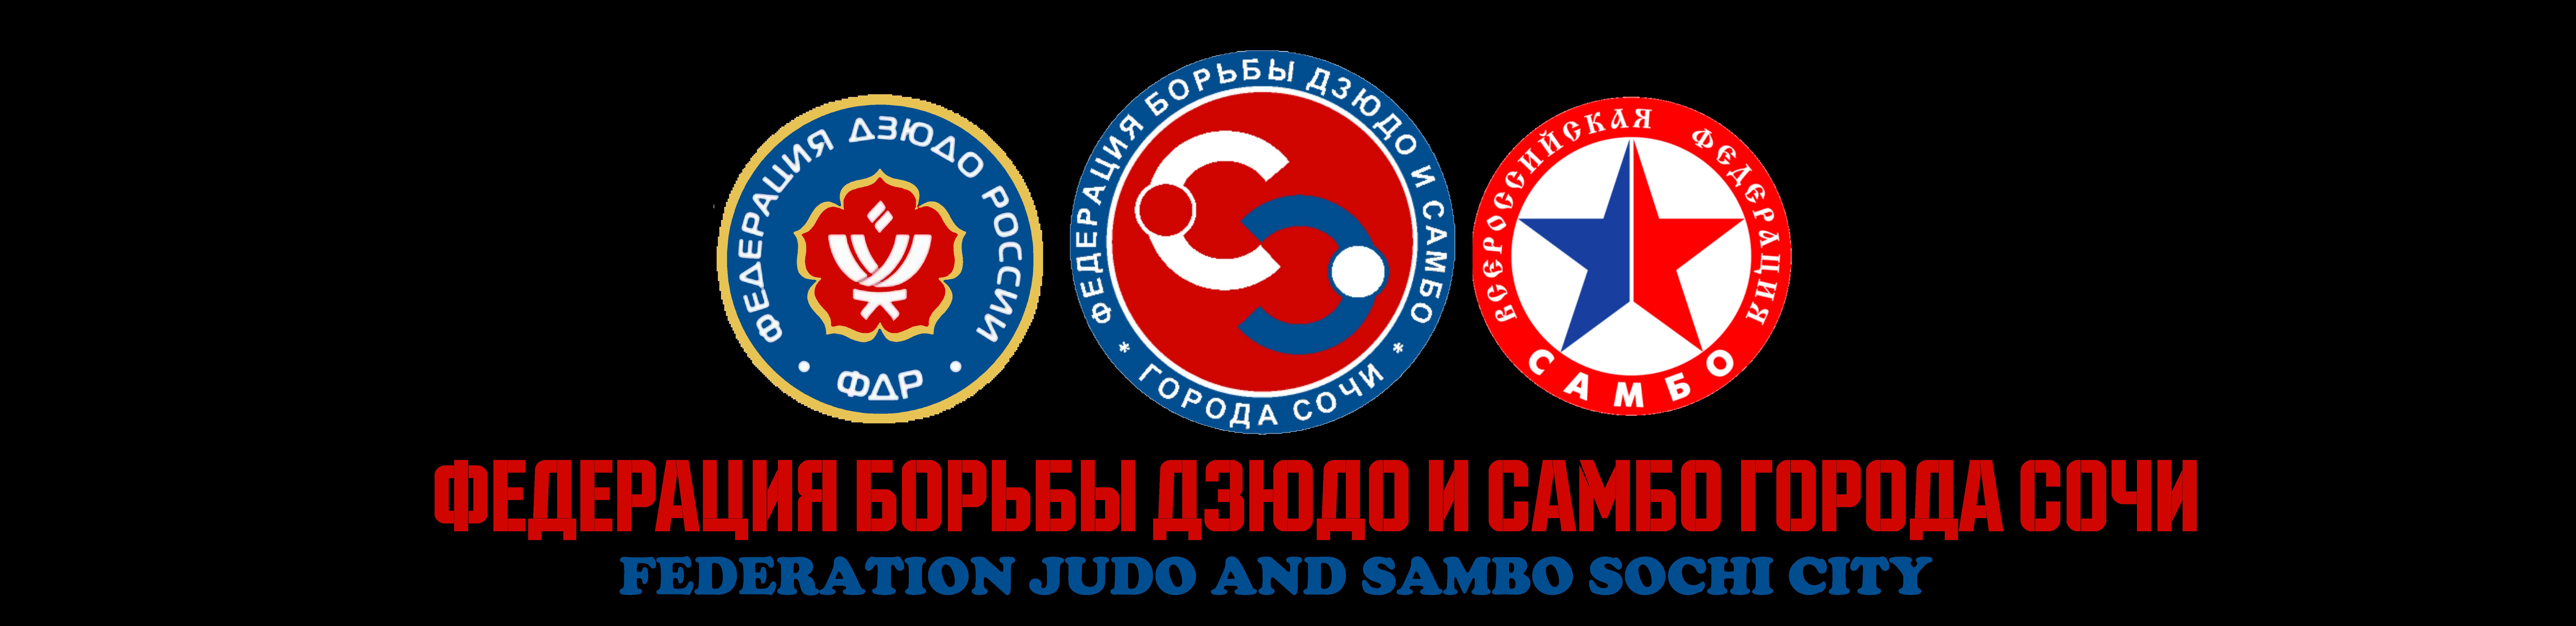 Федерация борьбы дзюдо и самбо города Сочи